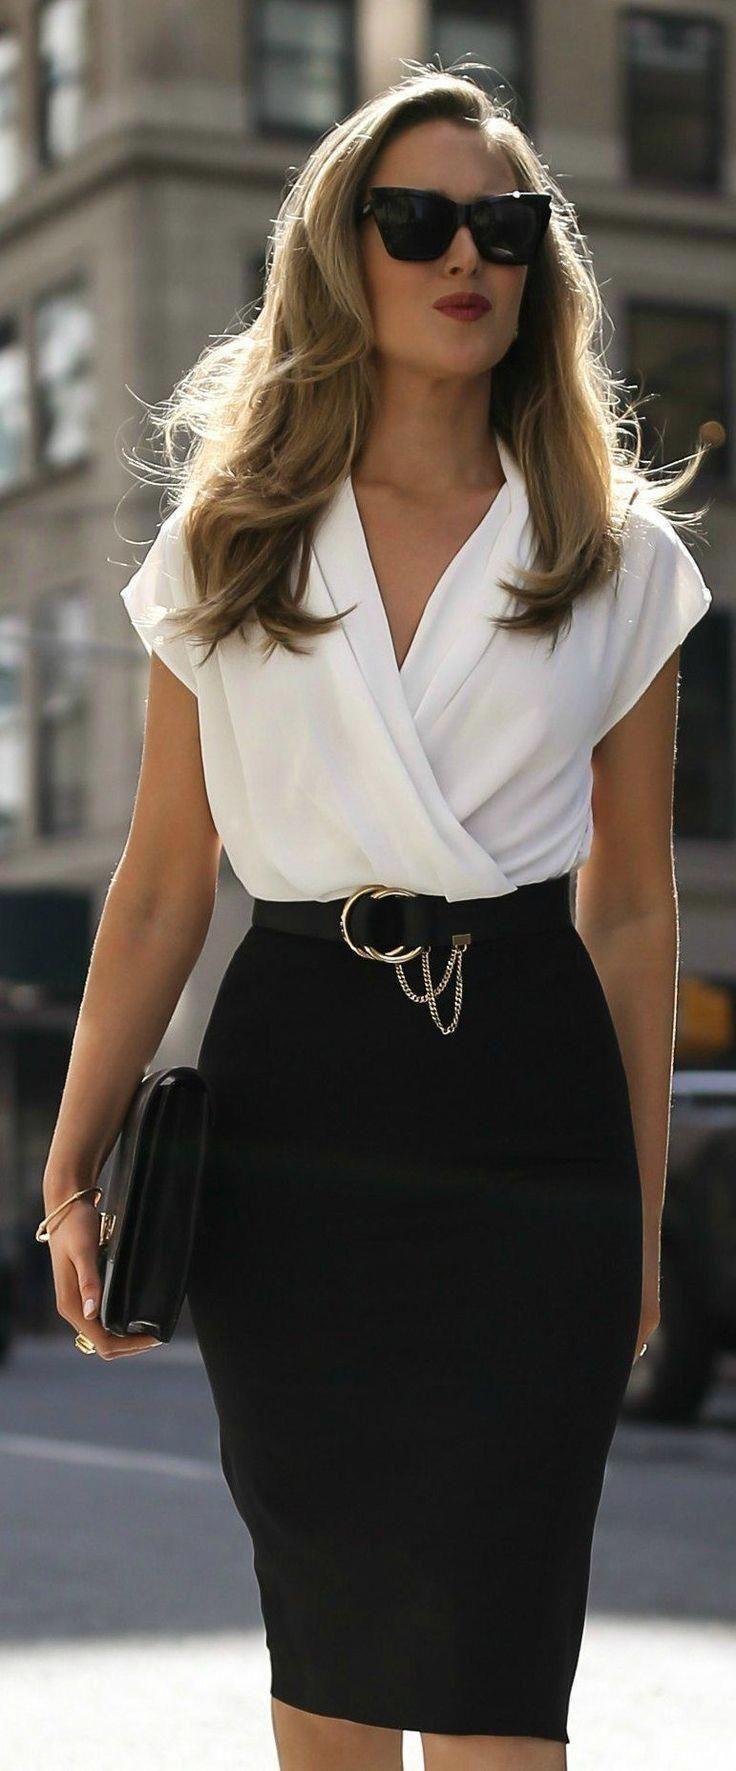 female business attire #BUSINESSATTIRE #weißekleiderkurz ...